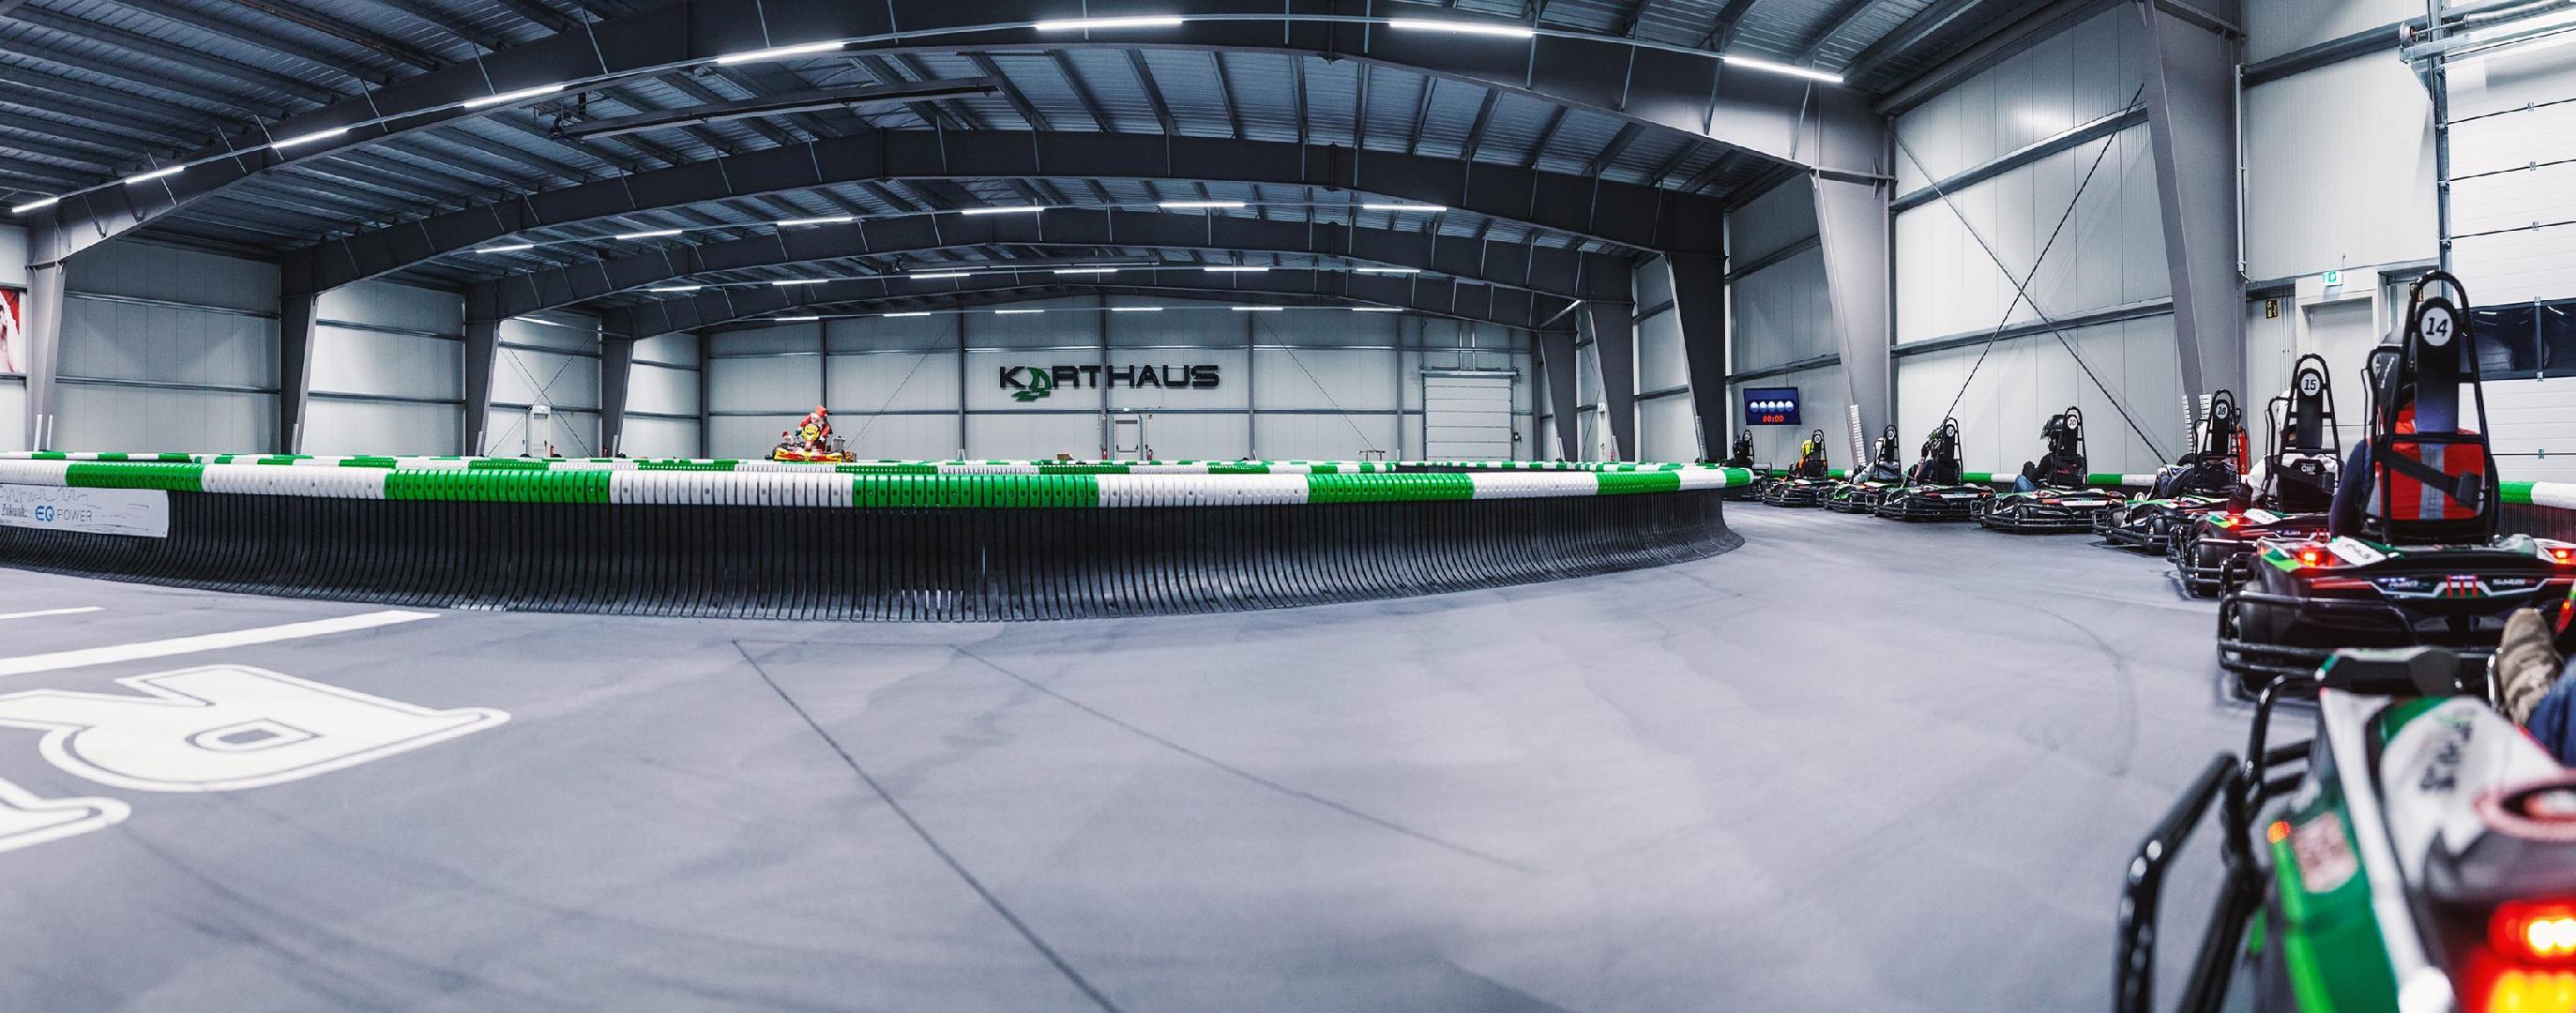 Bild 2 von Raceway fast speed im Karthaus  Zweibrücken !